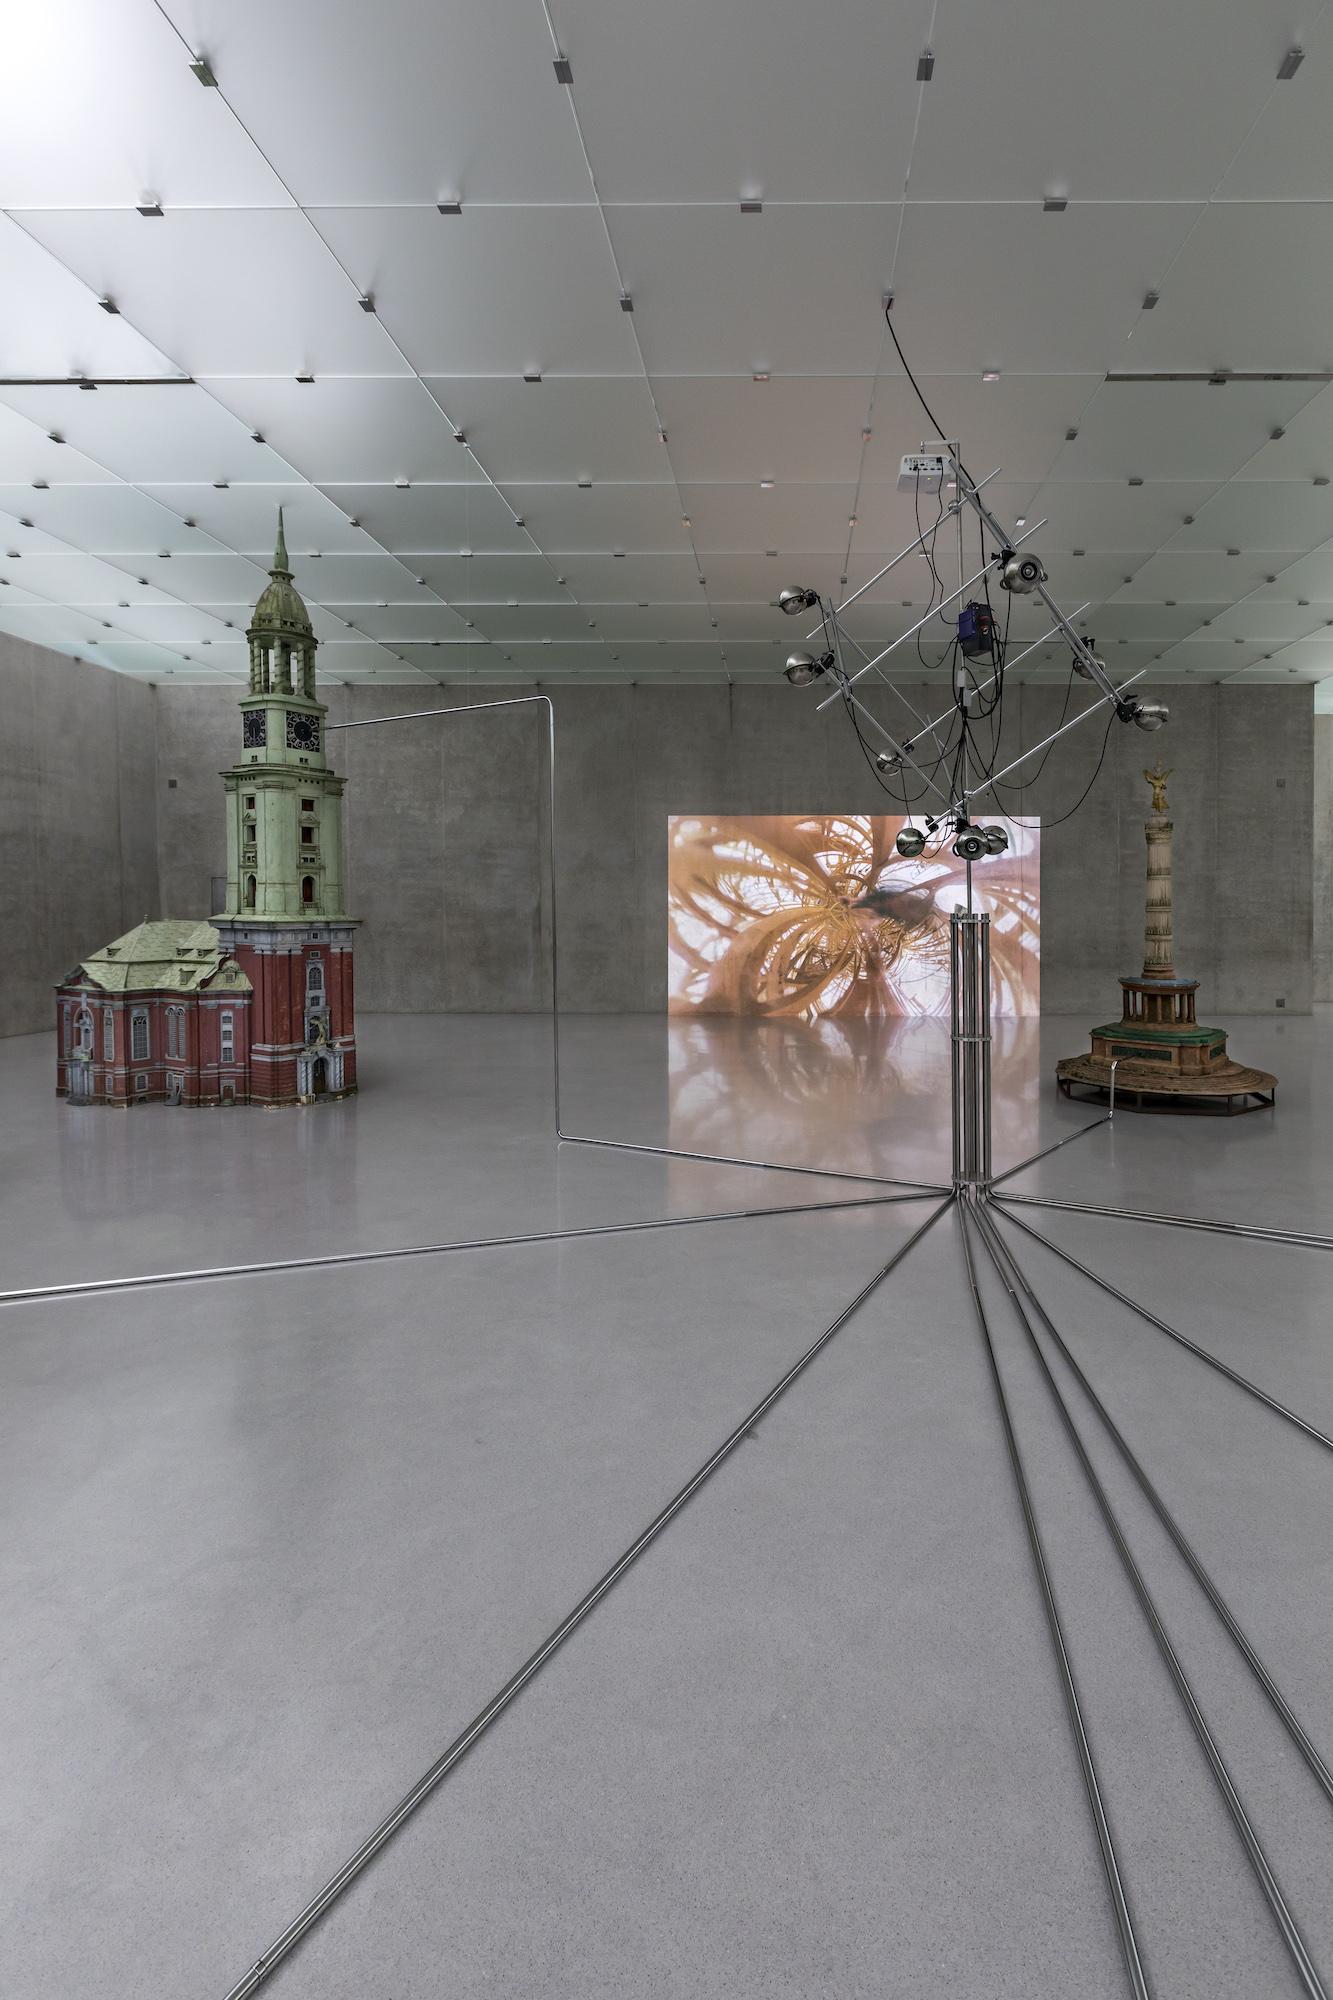 /Rollo/, 2019 Installation view, third floor, Kunsthaus Bregenz, 2019 Photo: Markus Tretter, Courtesy of the artist, © Raphaela Vogel, Kunsthaus  Bregenz